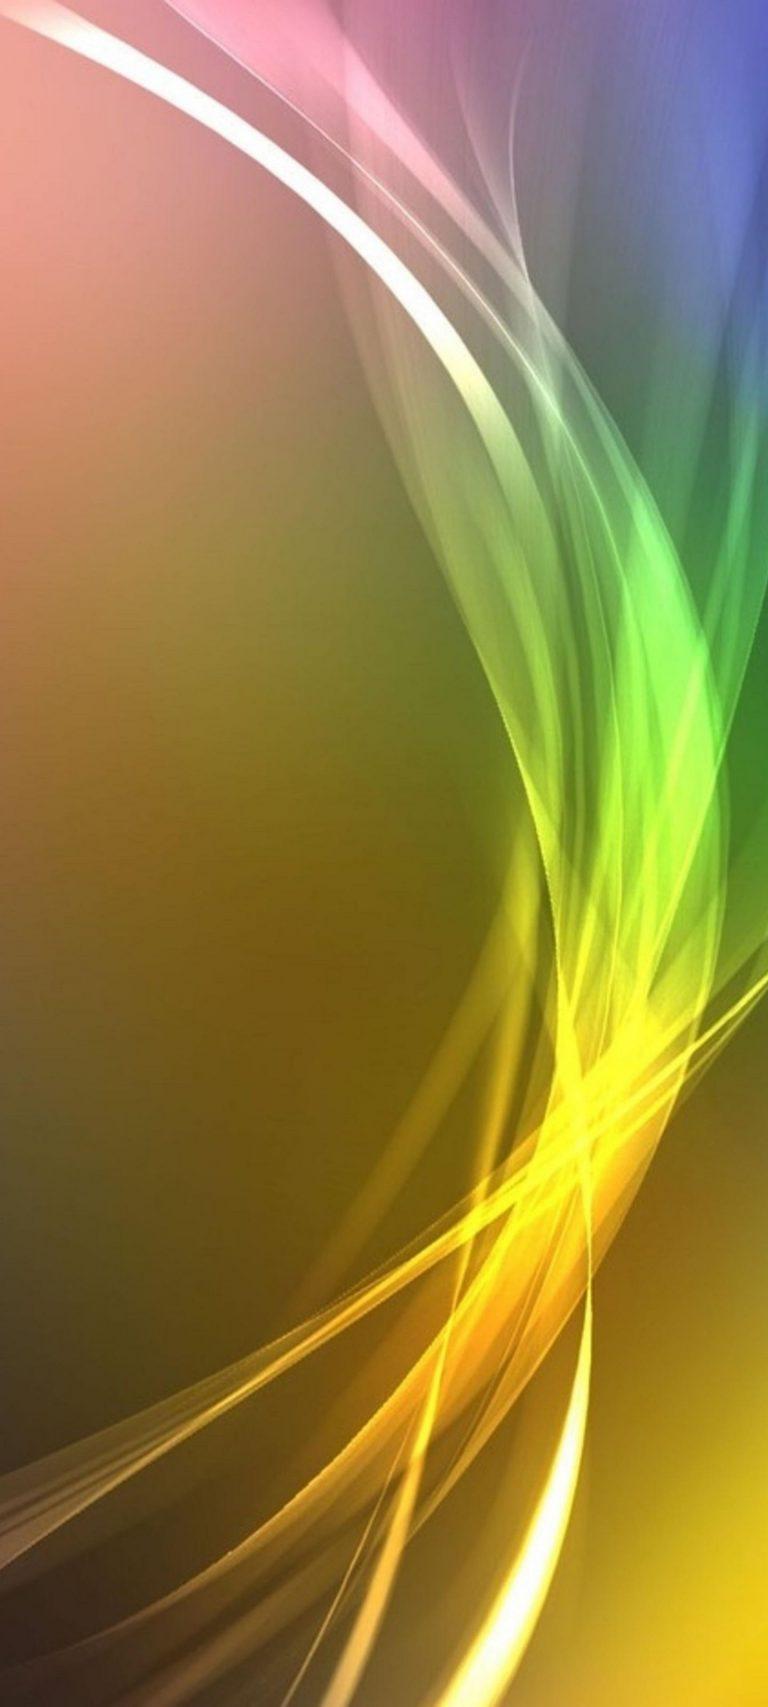 1440x3200 HD Wallpaper 075 768x1707 - 1440x3200 HD Wallpaper - 075